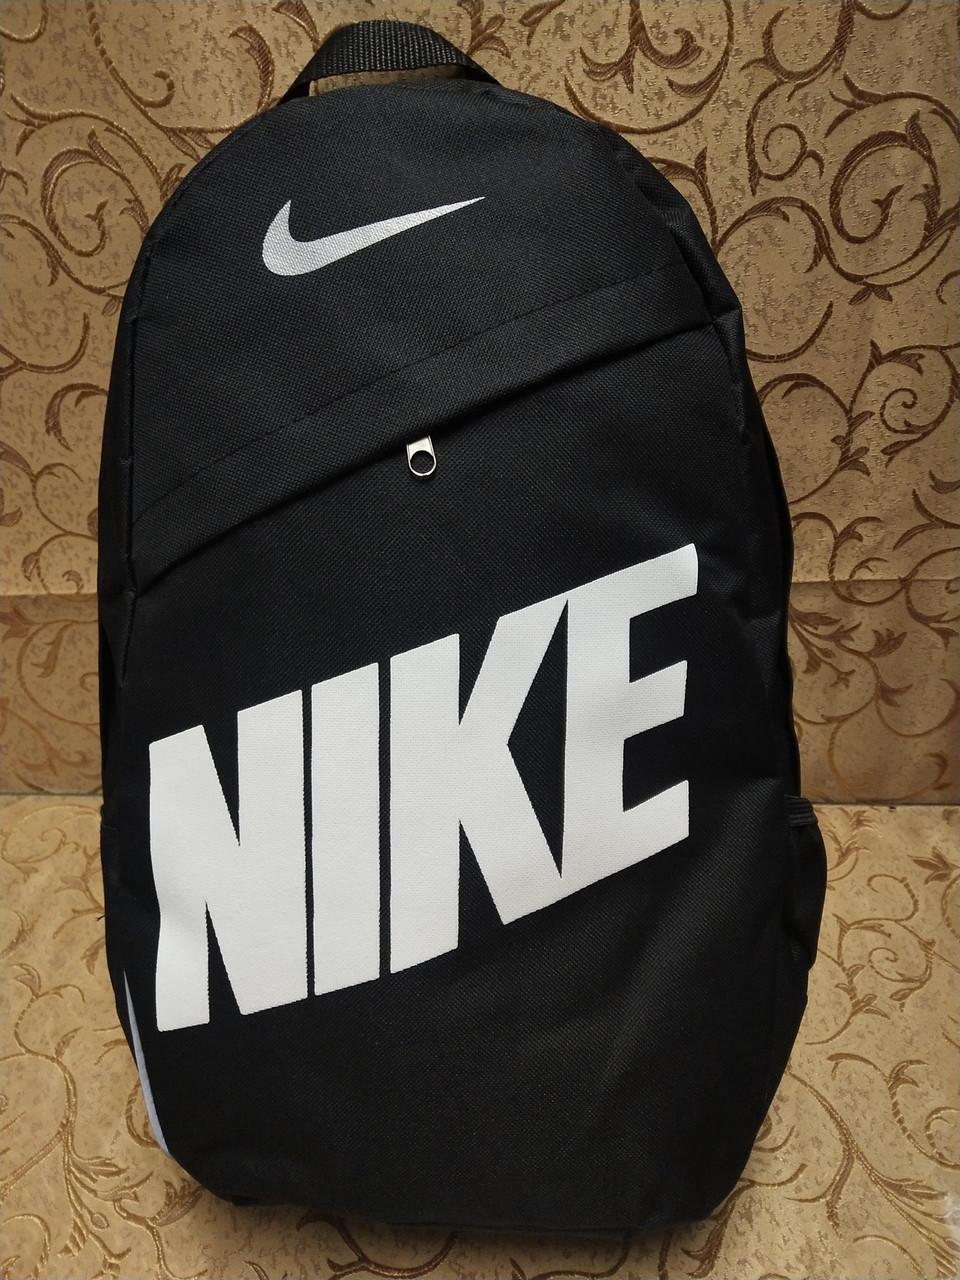 Спорт рюкзак nike Оксфорд ткань (только ОПТ)